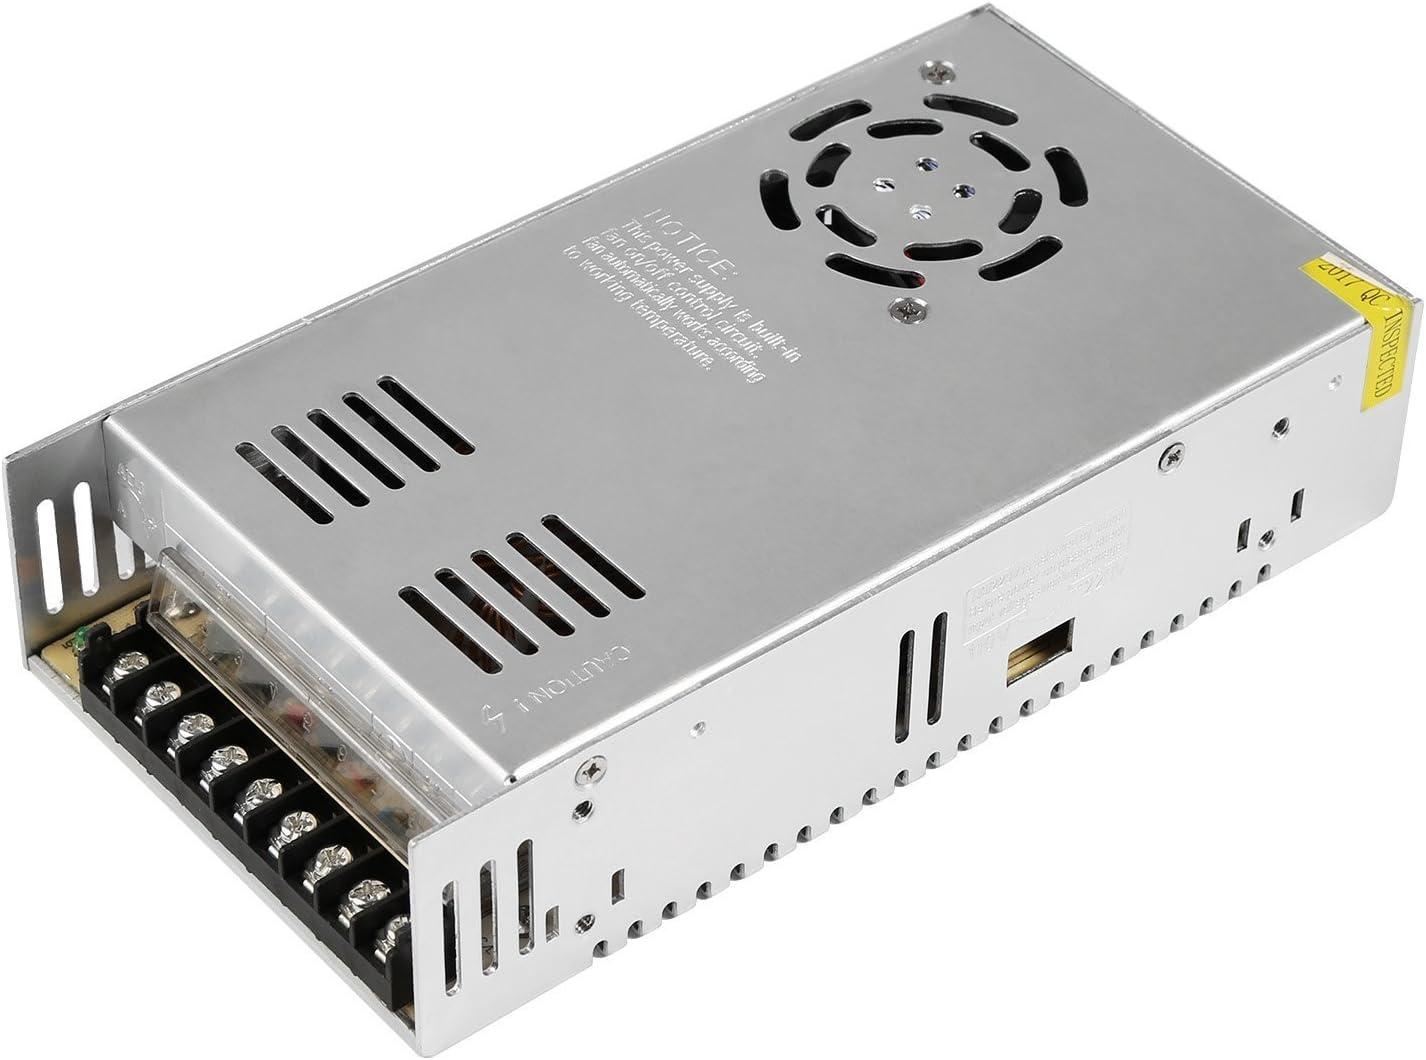 NEWSTYLE Fuente Alimentacion Transformador Interruptor DC 12V 30A 360W para CCTV, Radio, Proyecto de Computadora